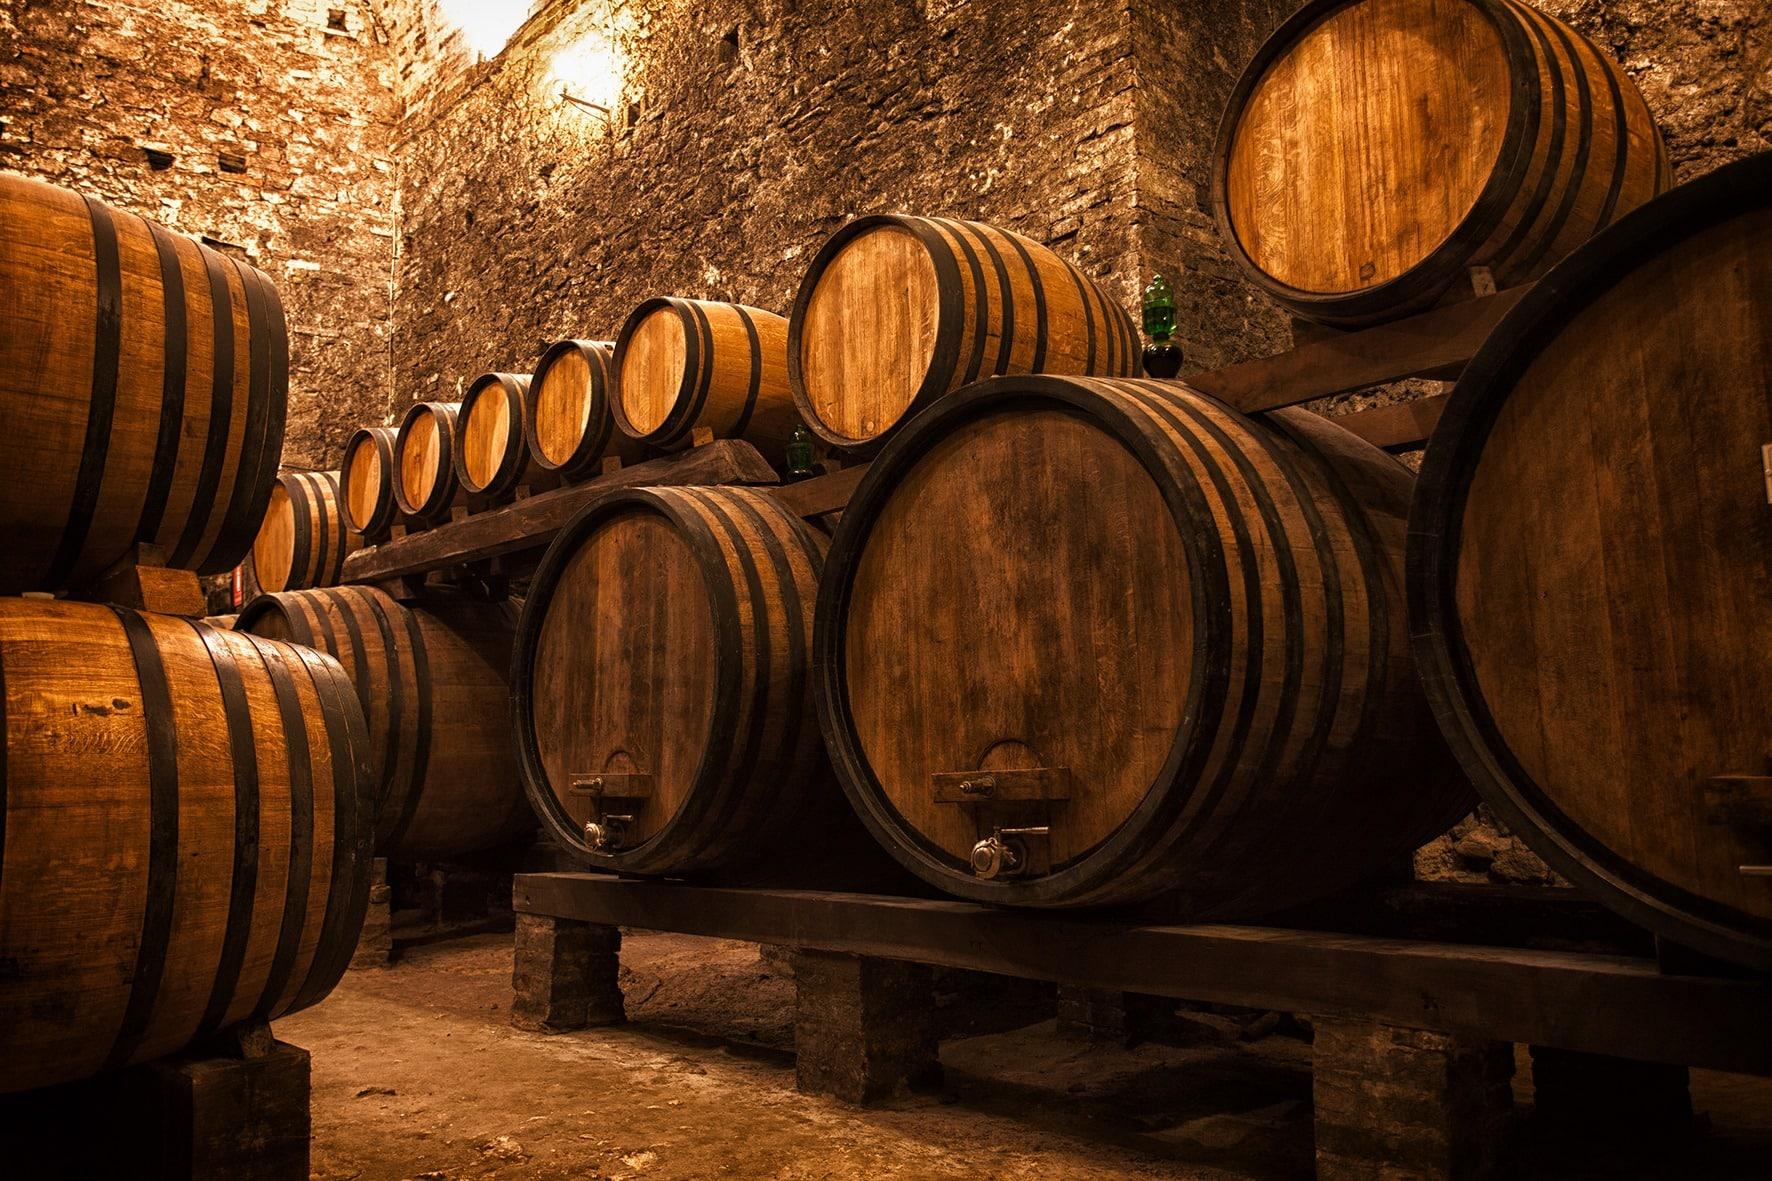 Musée du Vin de Greve in Chianti